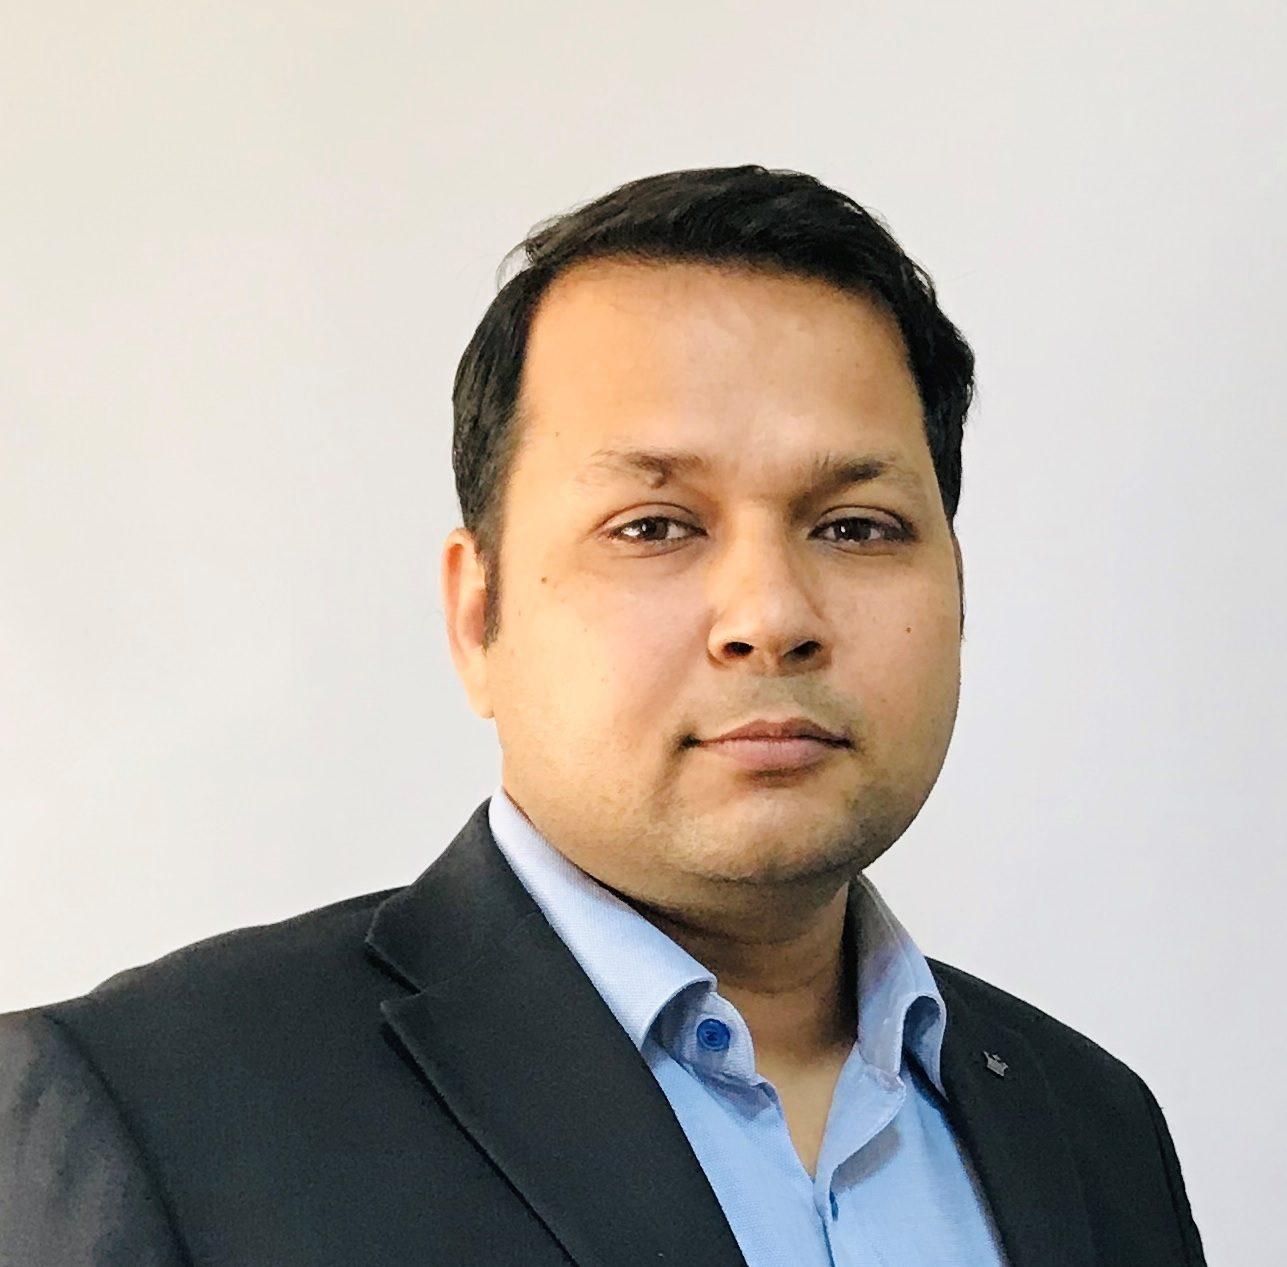 Mr.Sameer Trikha